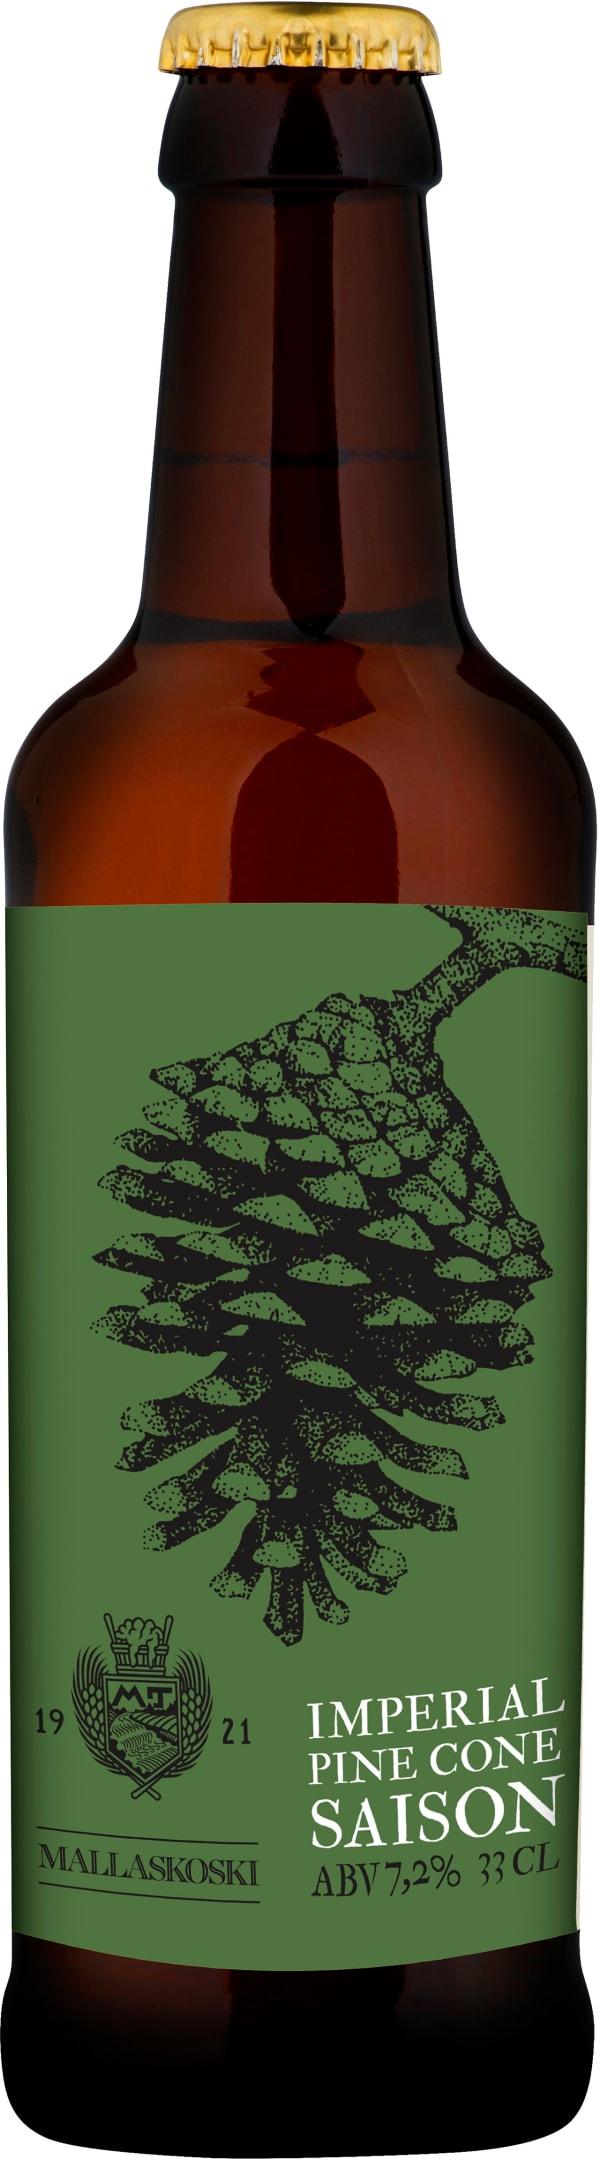 Mallaskosken Imperial Pine Cone Saison